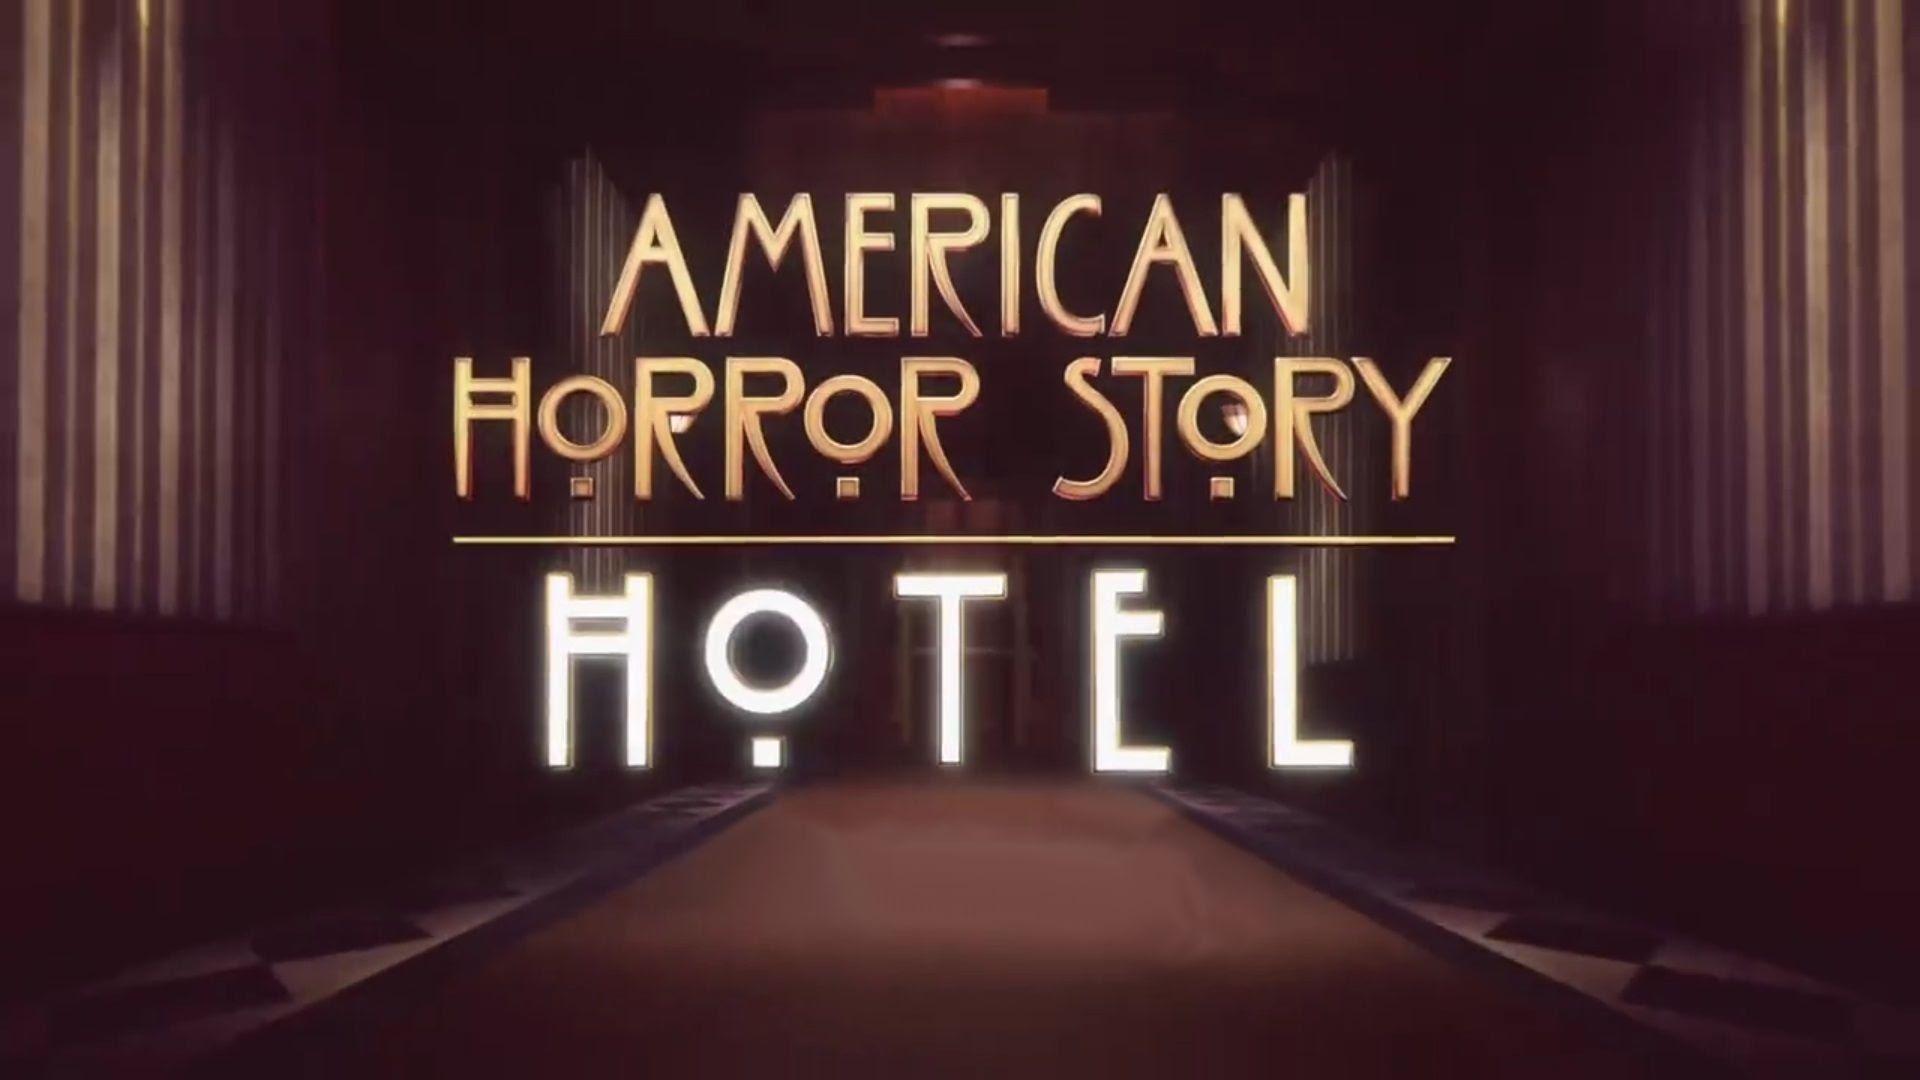 American Horror Story Hotel Wallpaper – WallpaperSafari